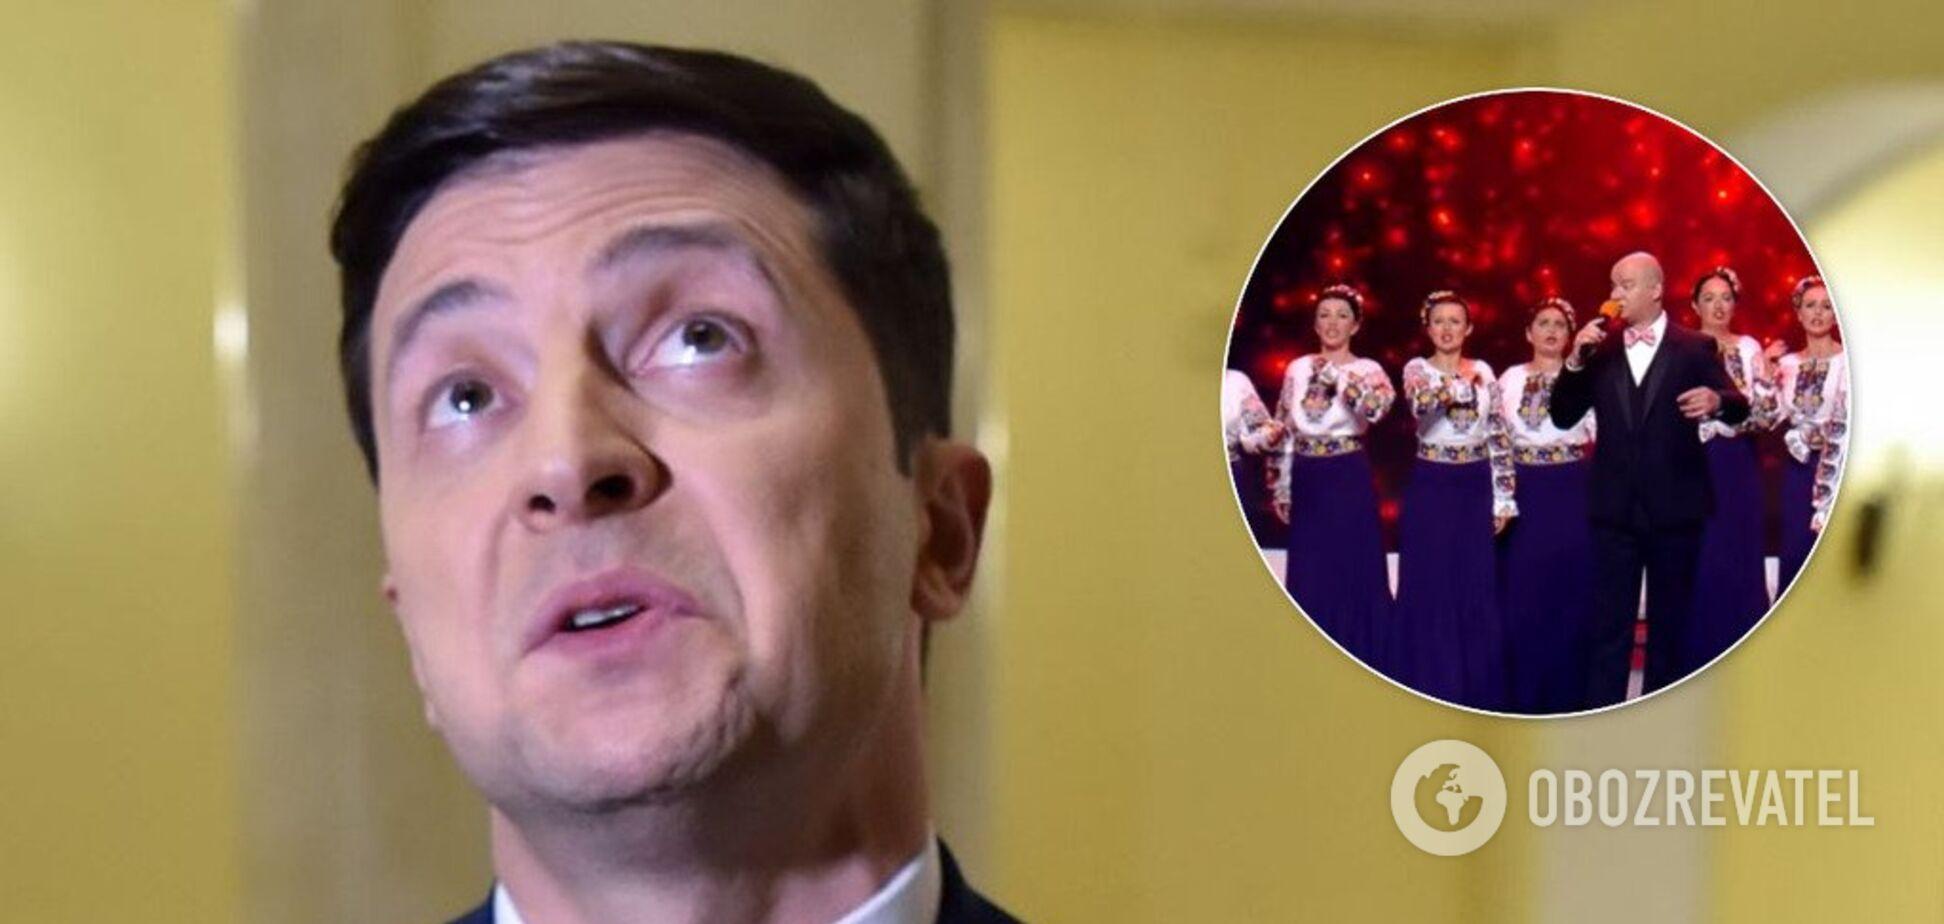 Ответил коротко: стало известно, как Зеленский отреагировал на скандальную песню о поджоге дома Гонтаревой